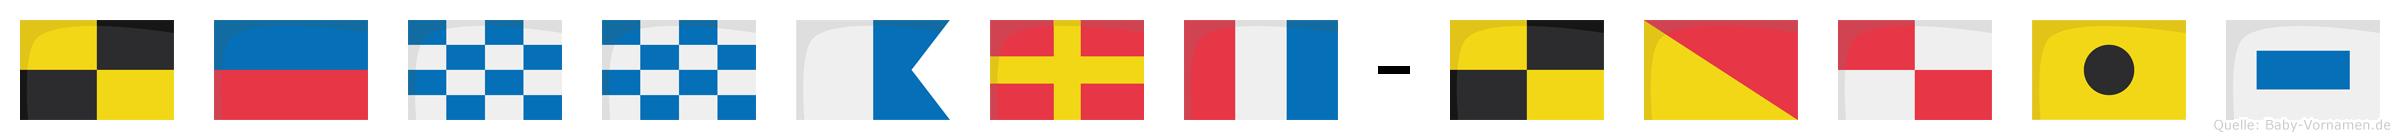 Lennart-Louis im Flaggenalphabet